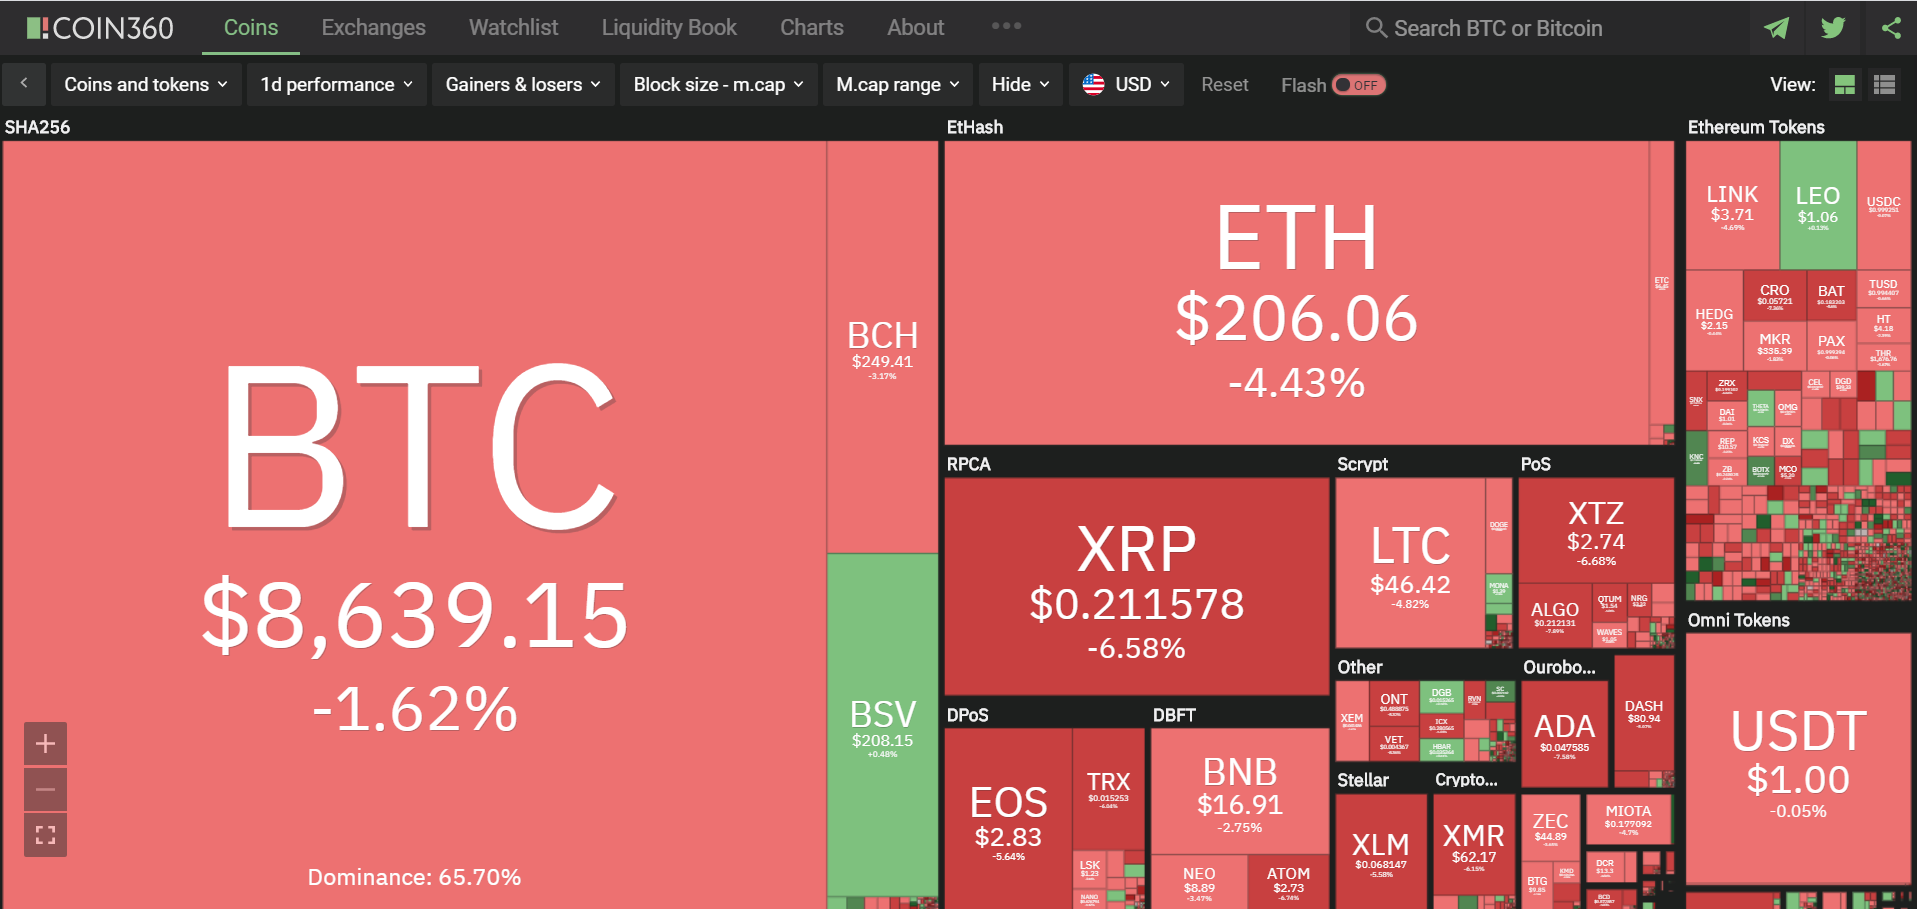 Toàn cảnh thị trường ngày 1/5 (nguồn: Coin360.com)